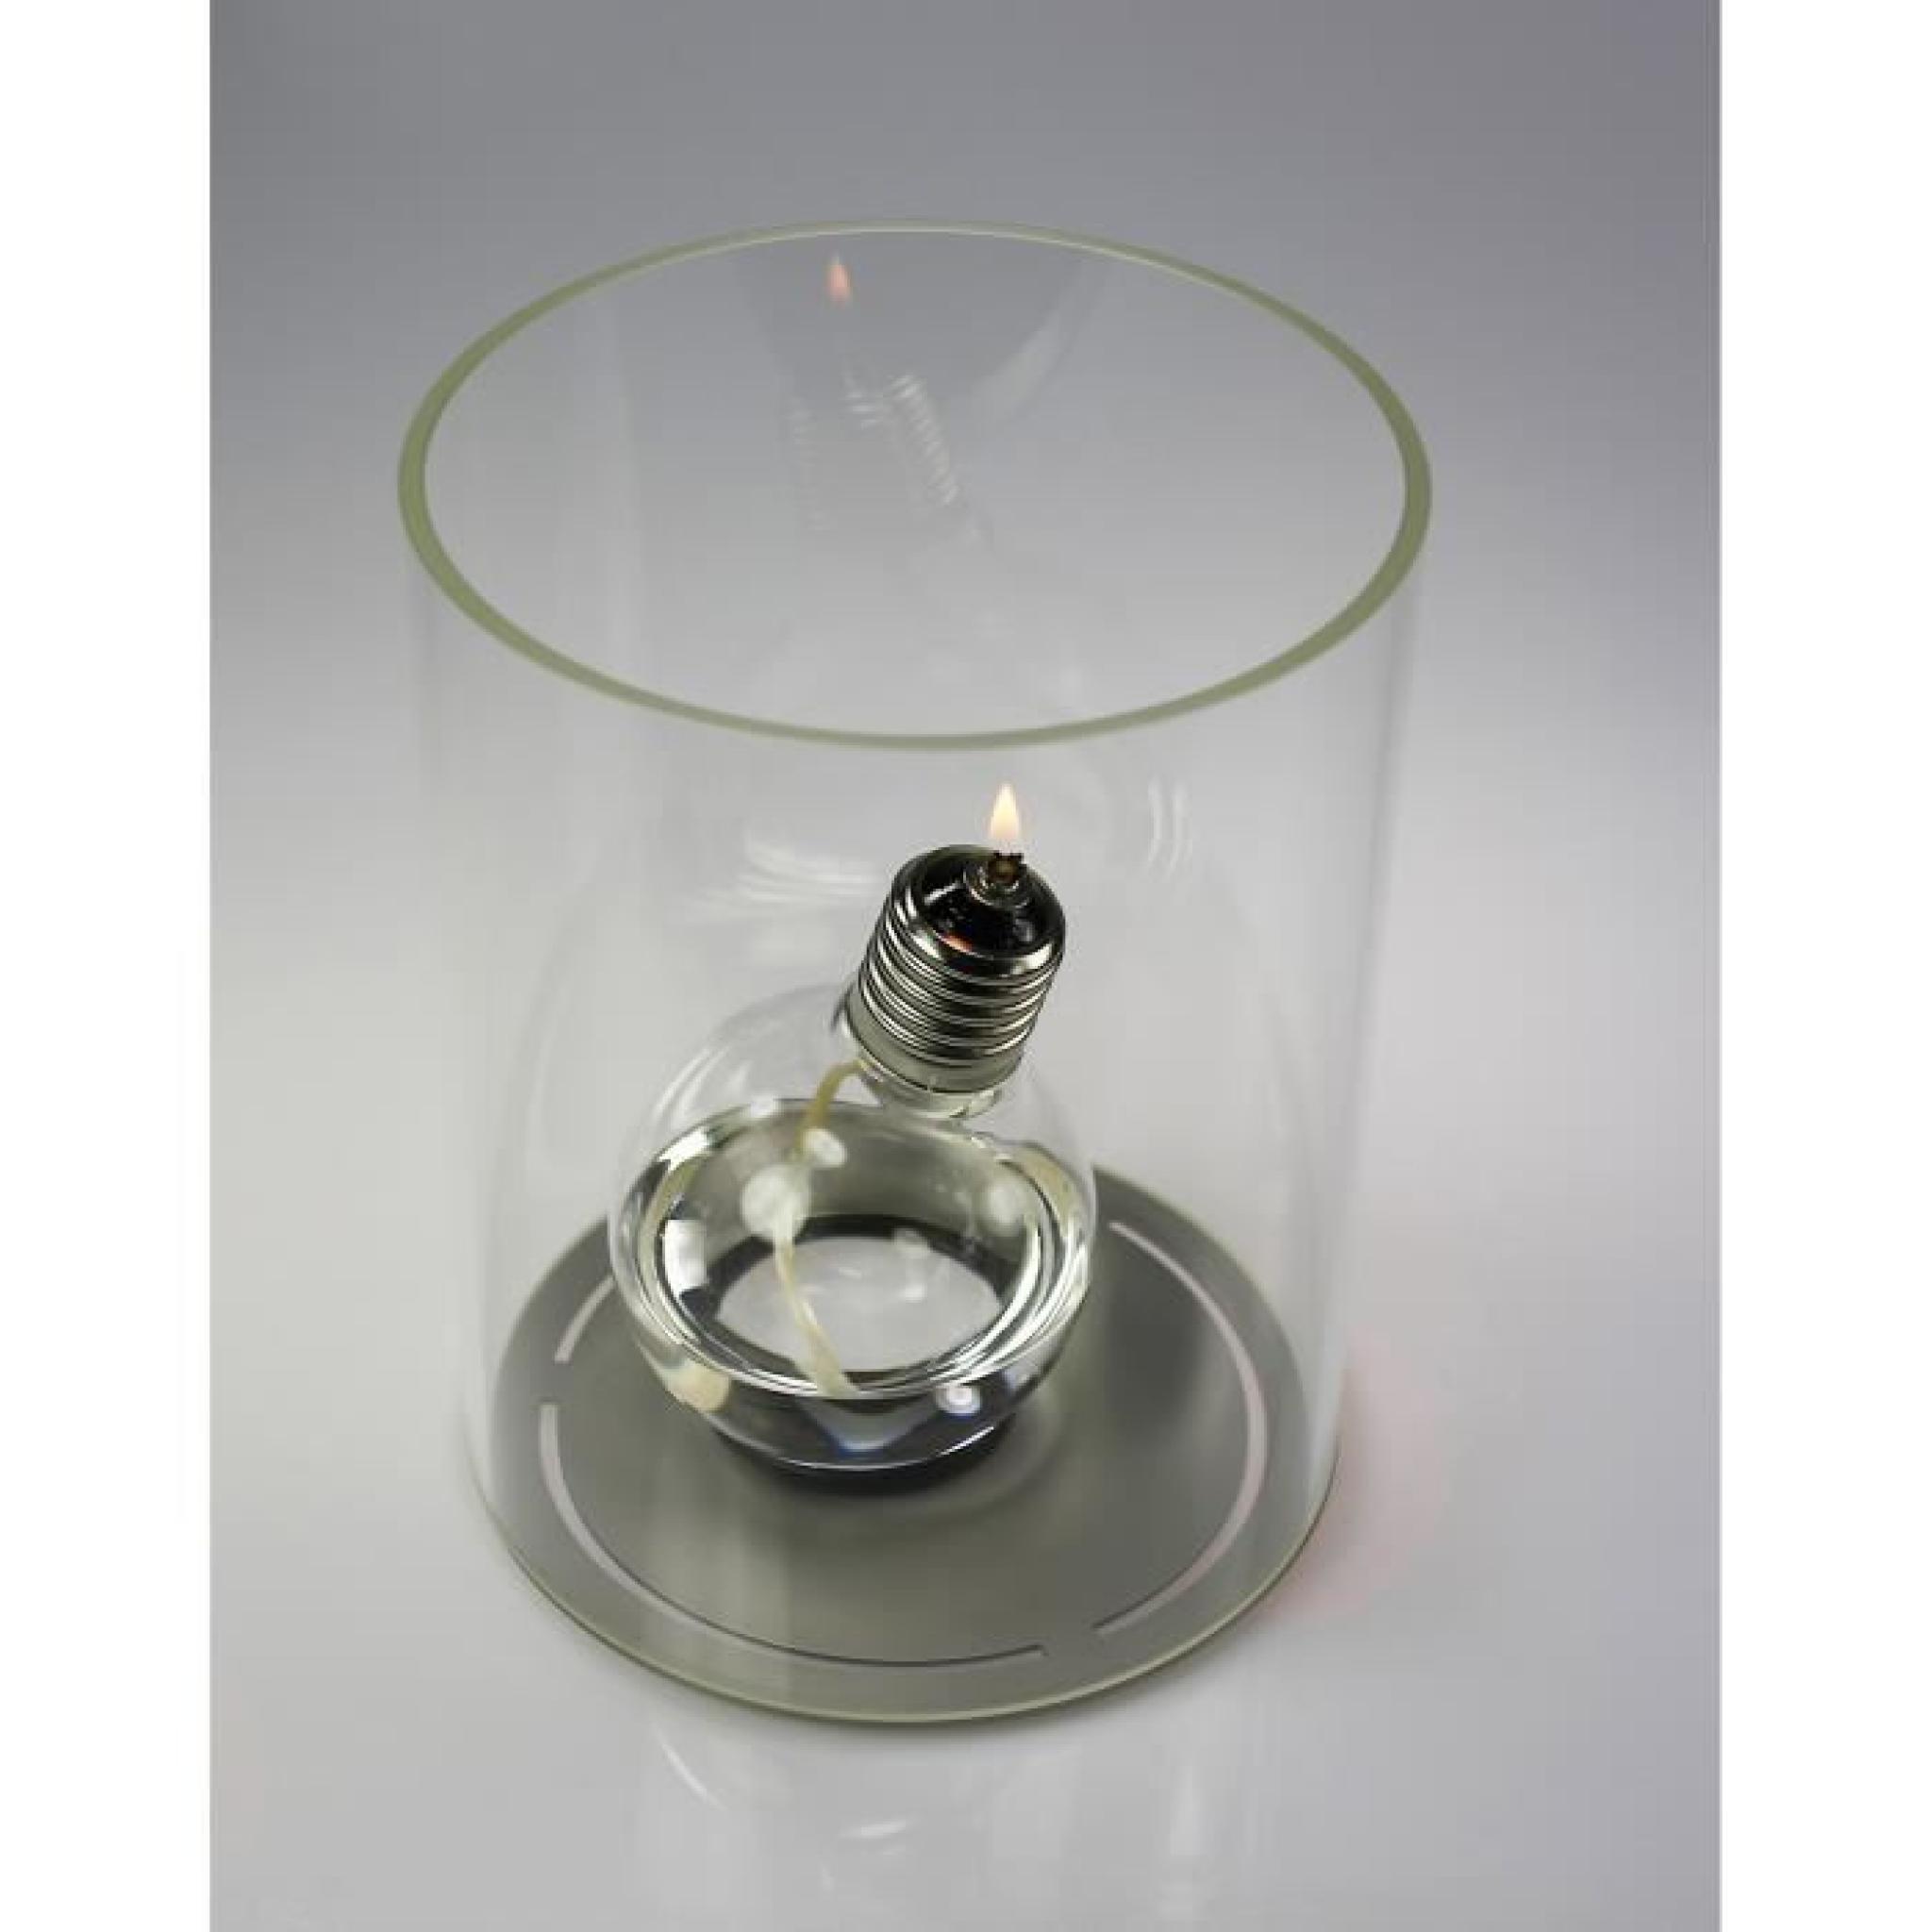 lampe ampoule huile konfuzilux set 20 x 25 cm achat. Black Bedroom Furniture Sets. Home Design Ideas